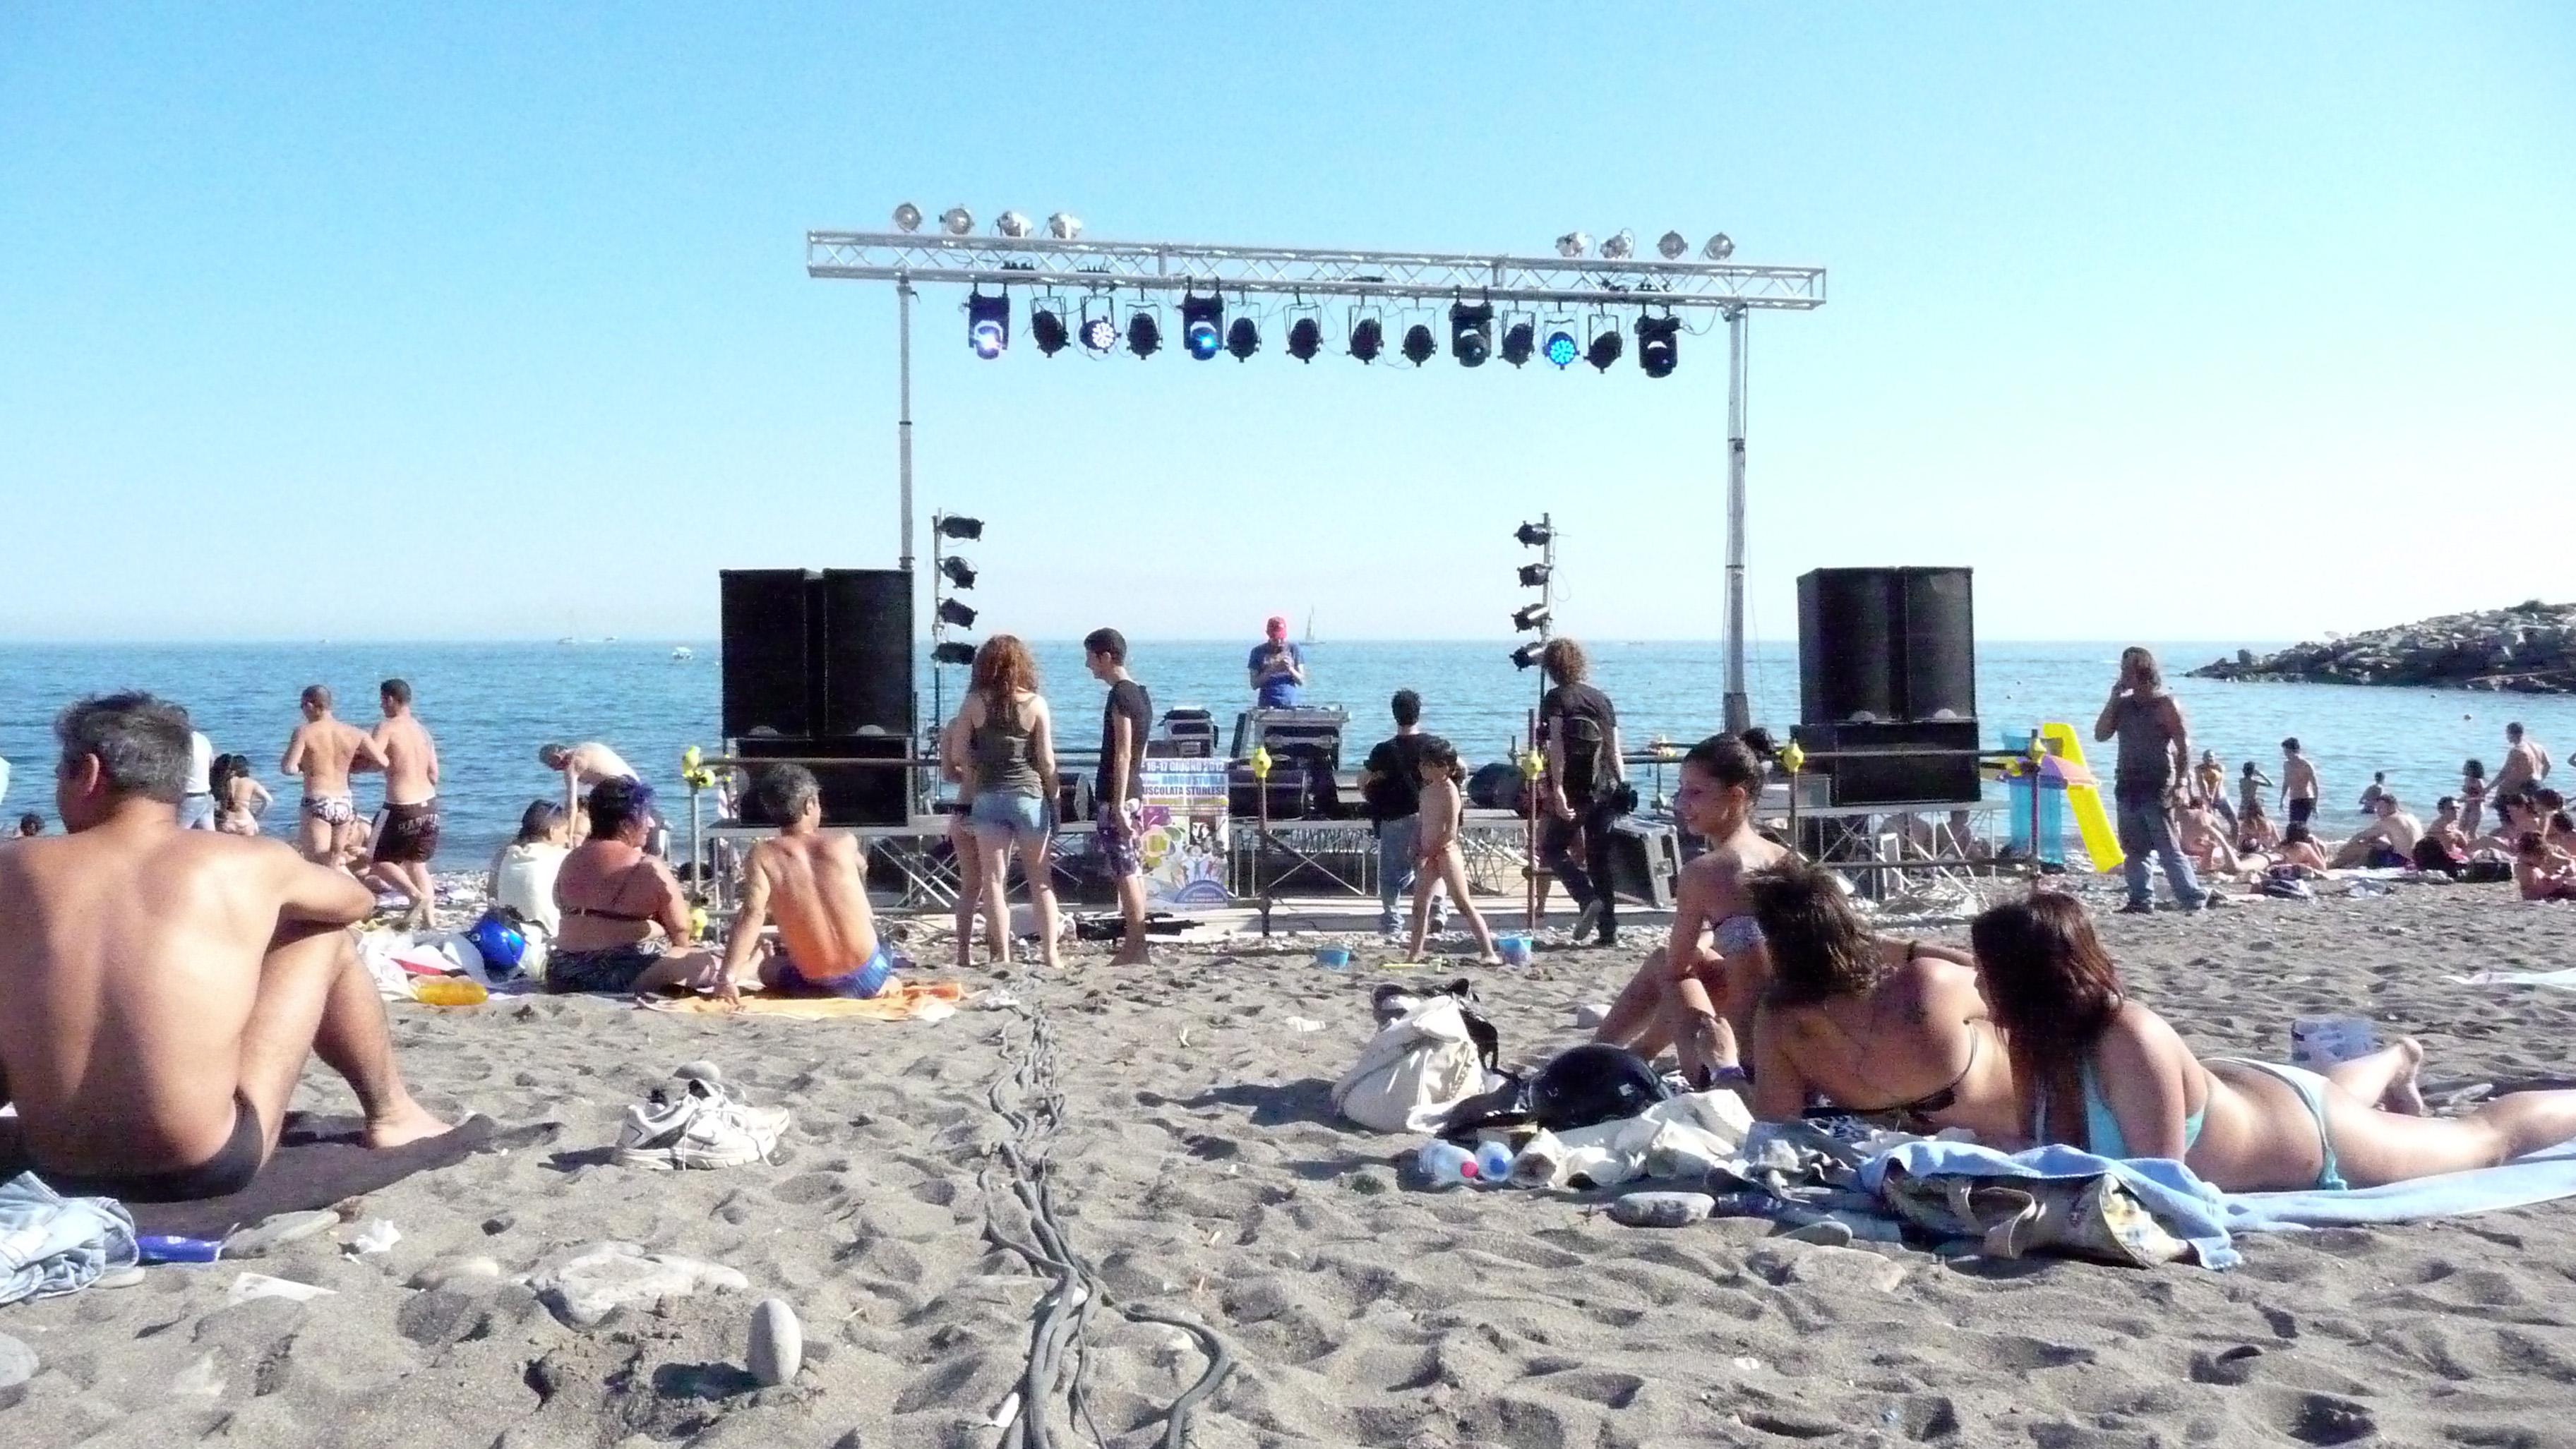 Beach music Nude Photos 5